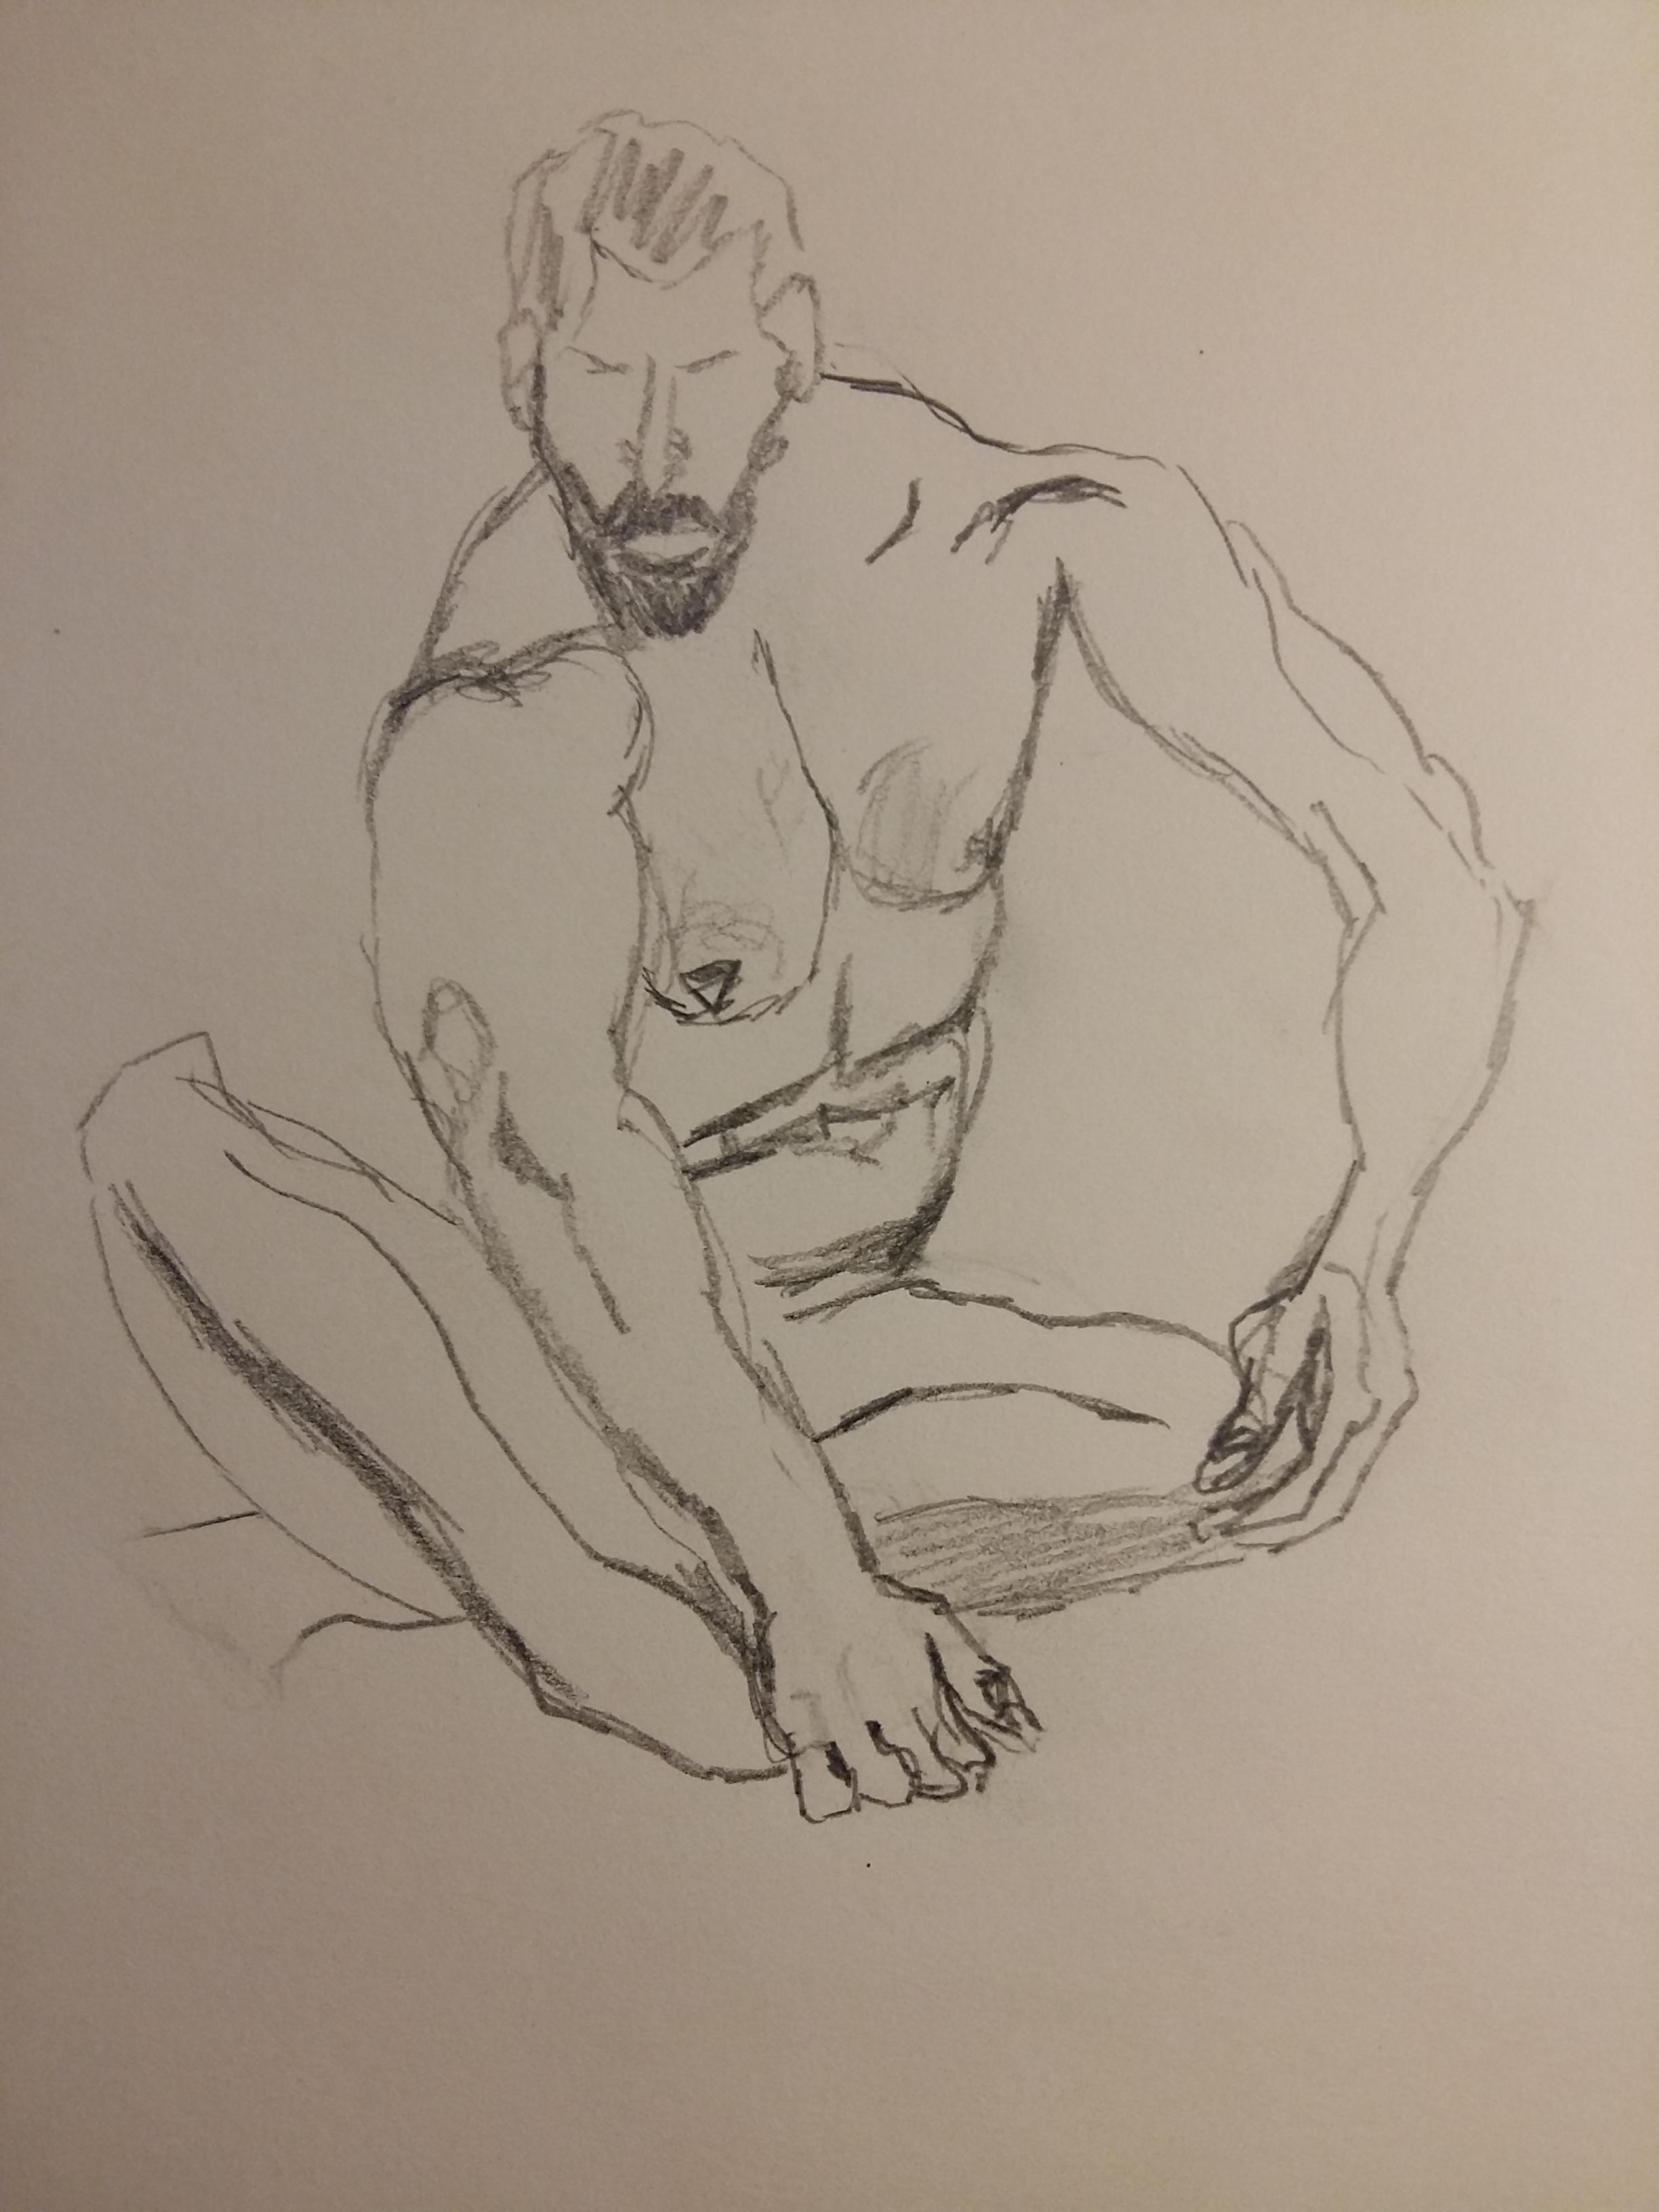 Dessin au trait graphique sur papier homme assit face  cours de dessin